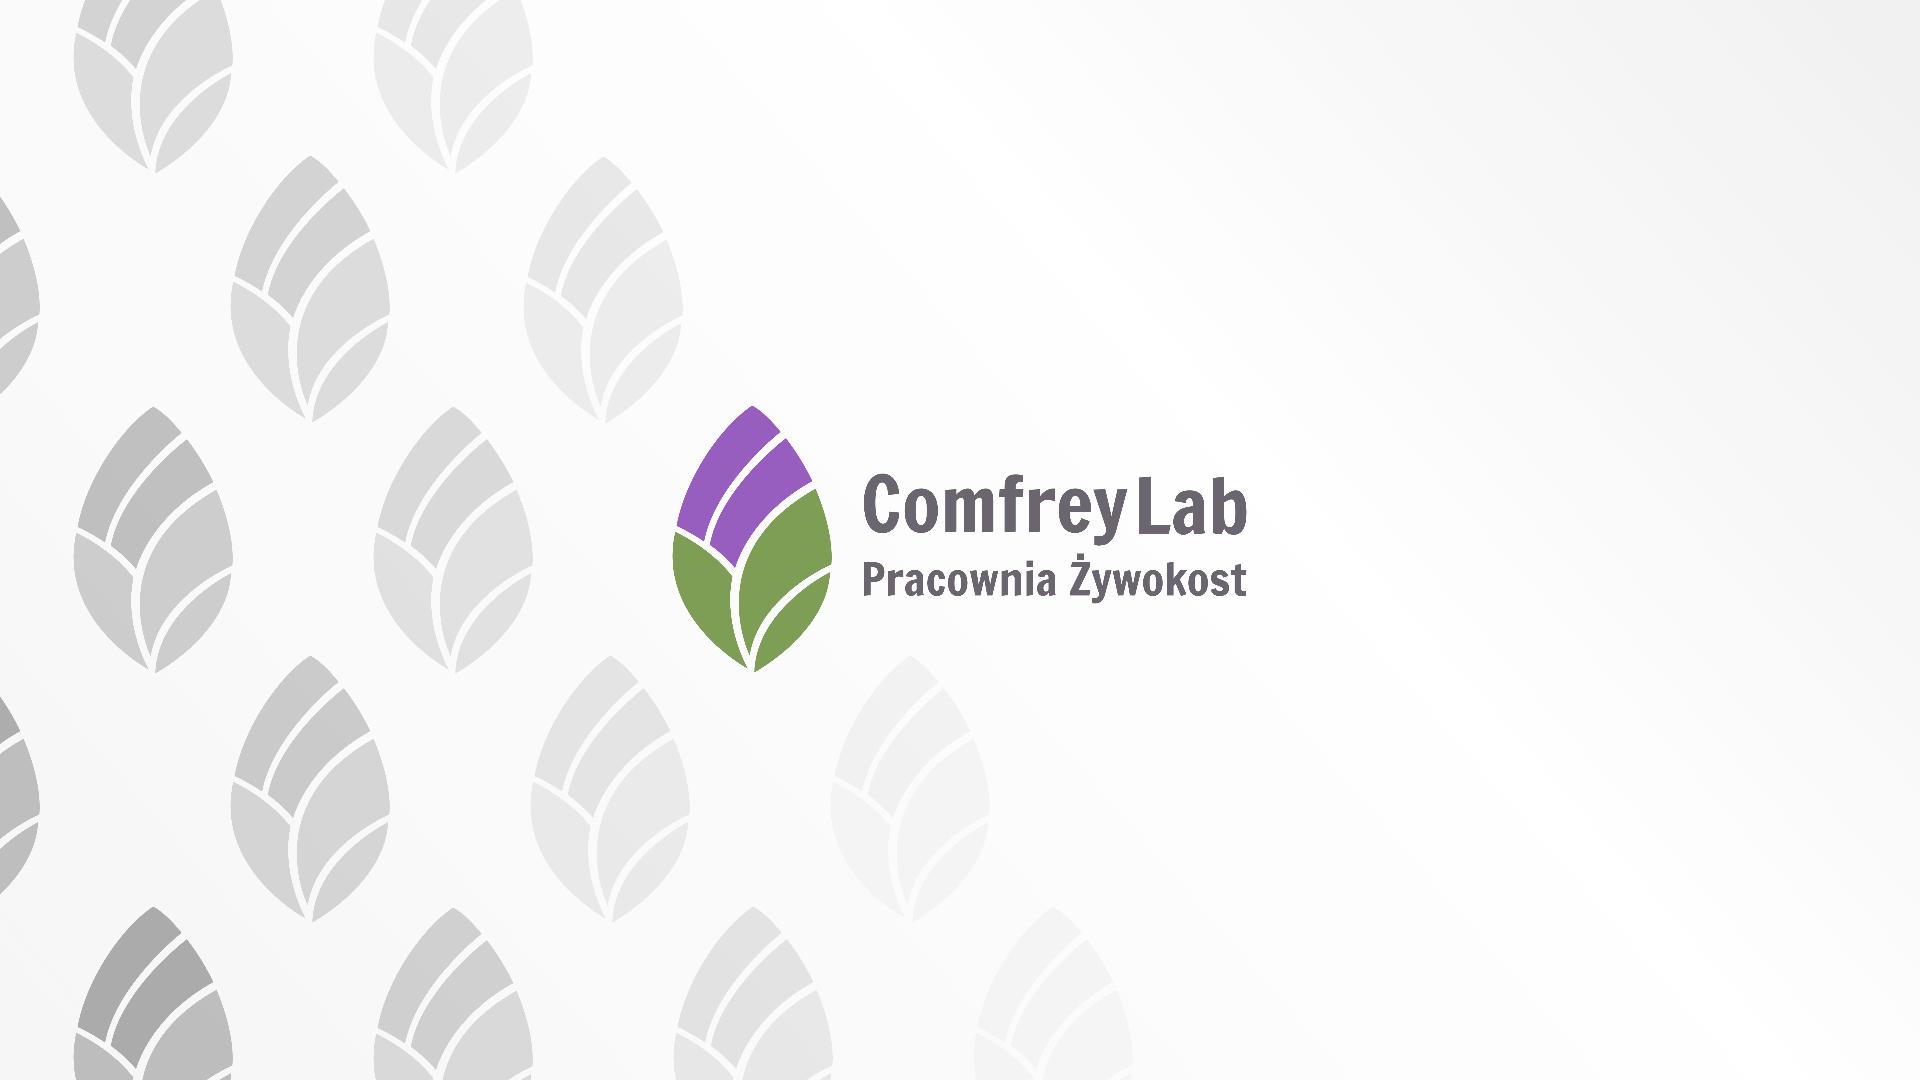 ComfreyLab